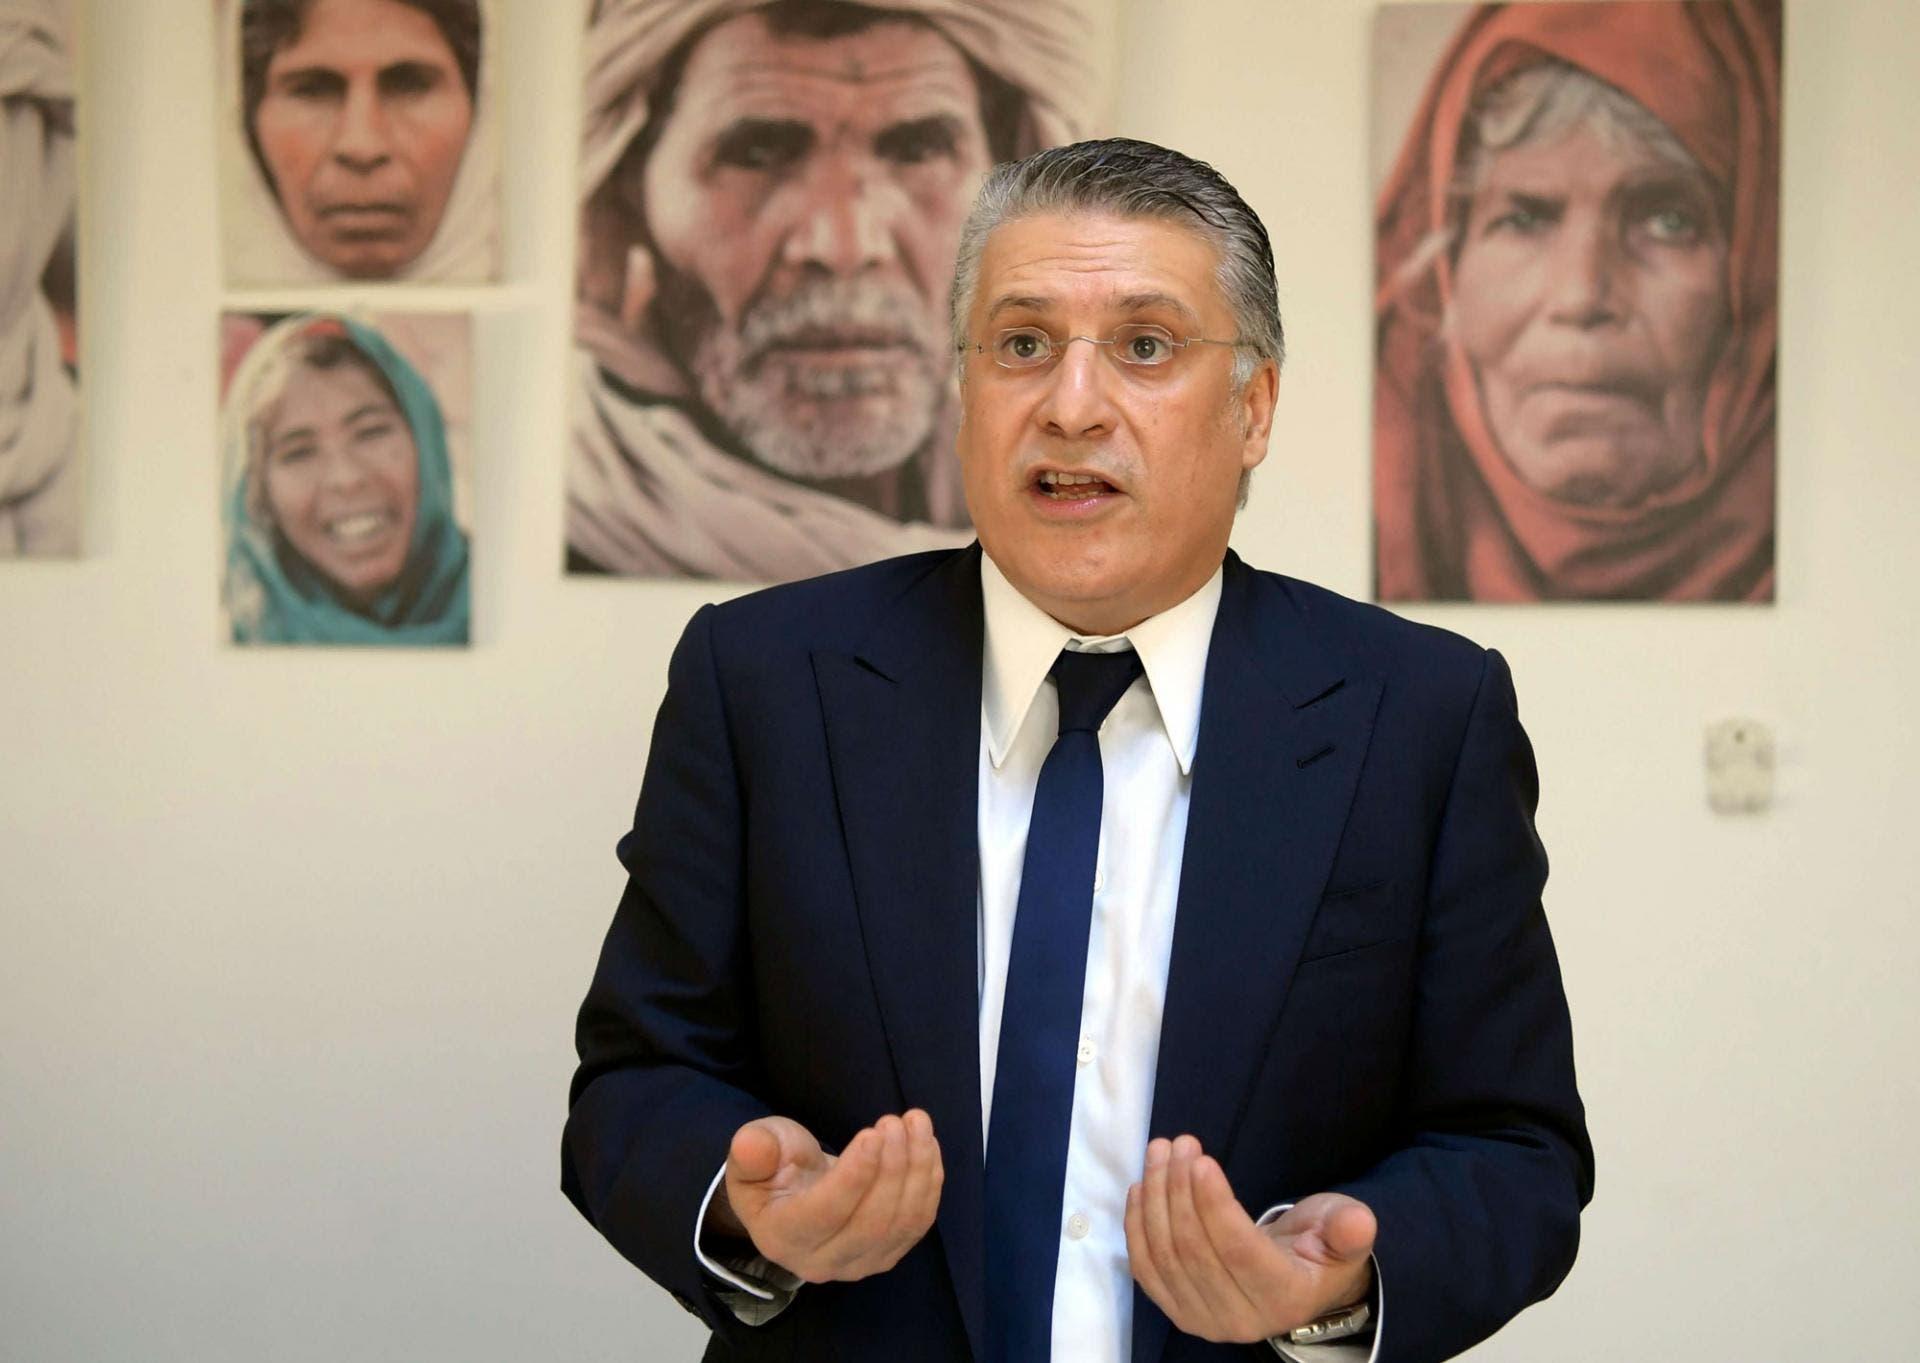 رجل الأعمال نبيل القروي أبرز من استهدفته التعديلات الجديدة